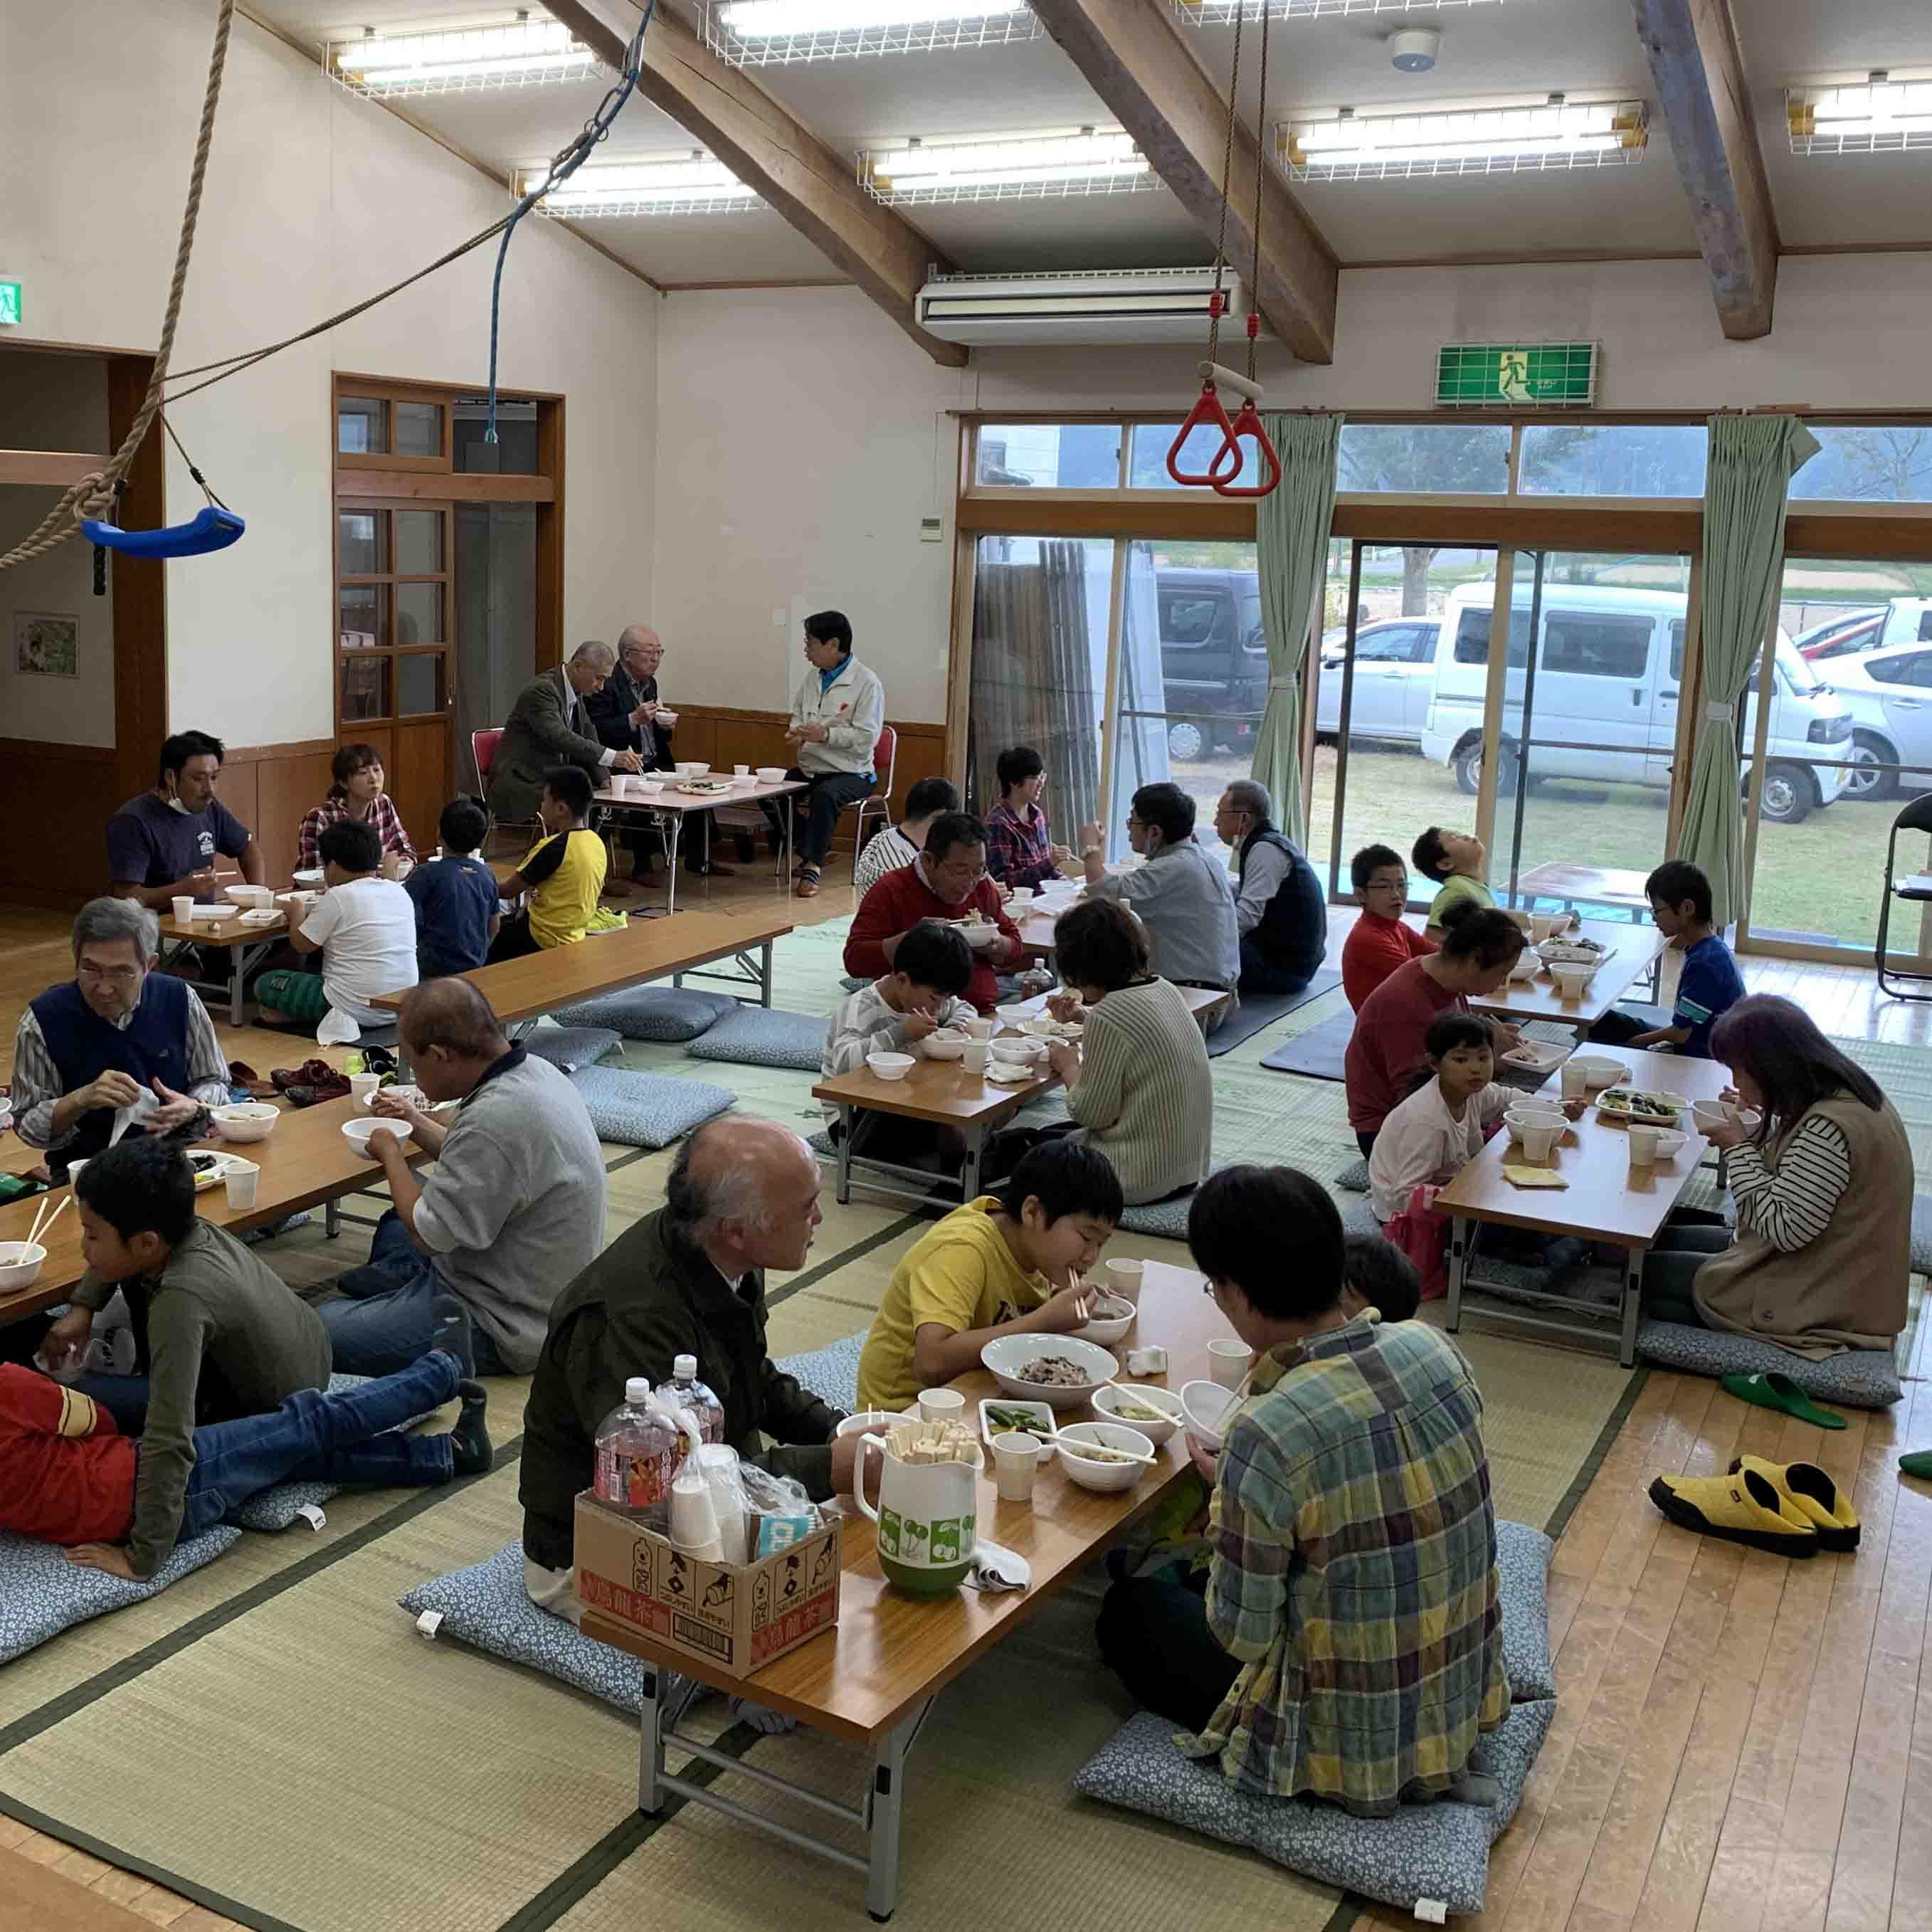 【報告】10/3(土)湯沢市にて訪問なべっこを実施!